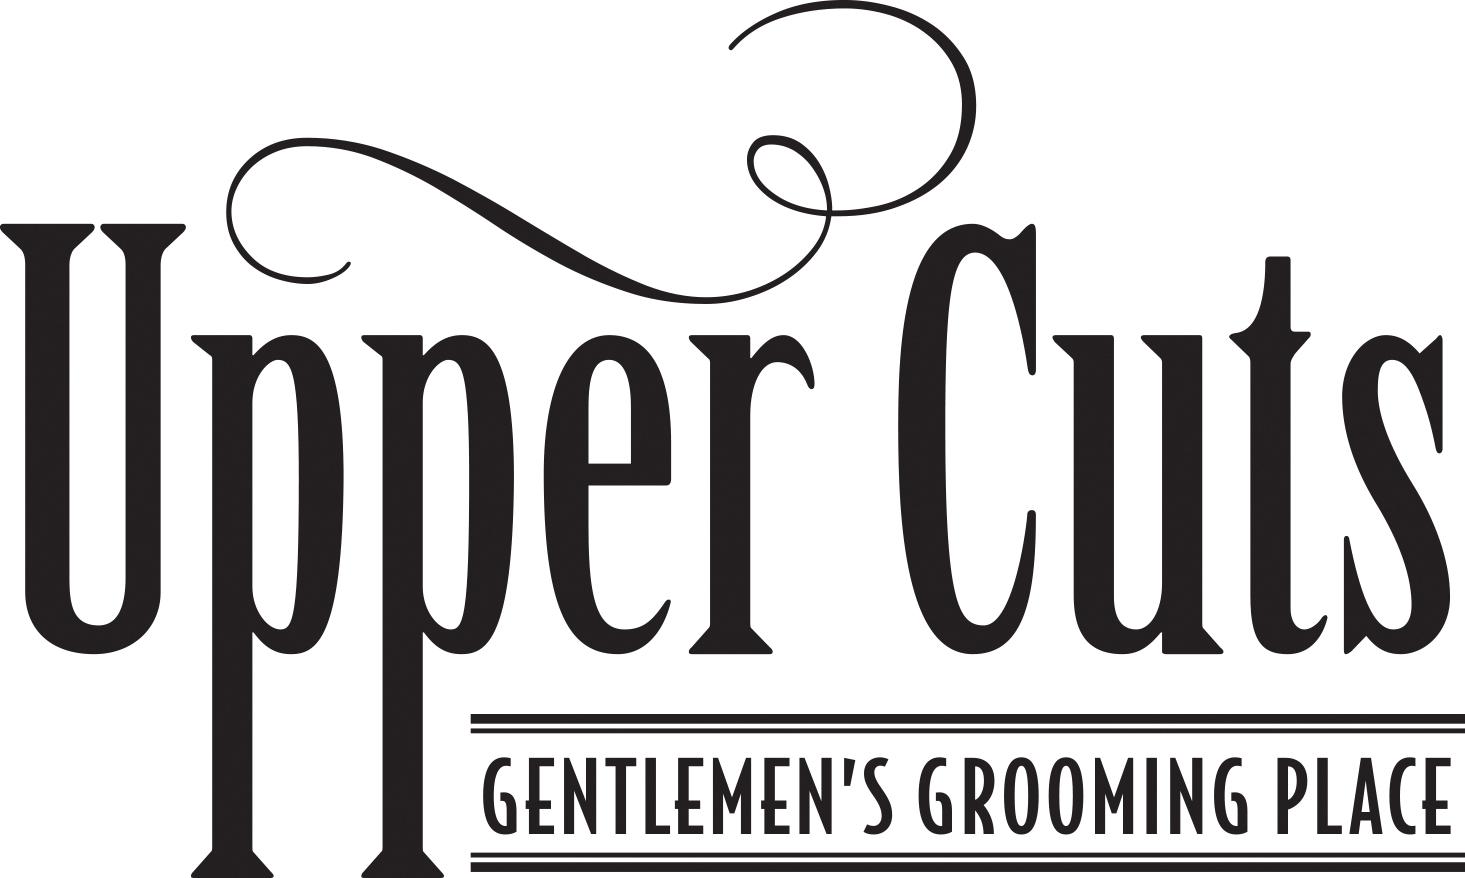 Upper Cuts Gentlemens Grooming Logo-LRG copy.jpg